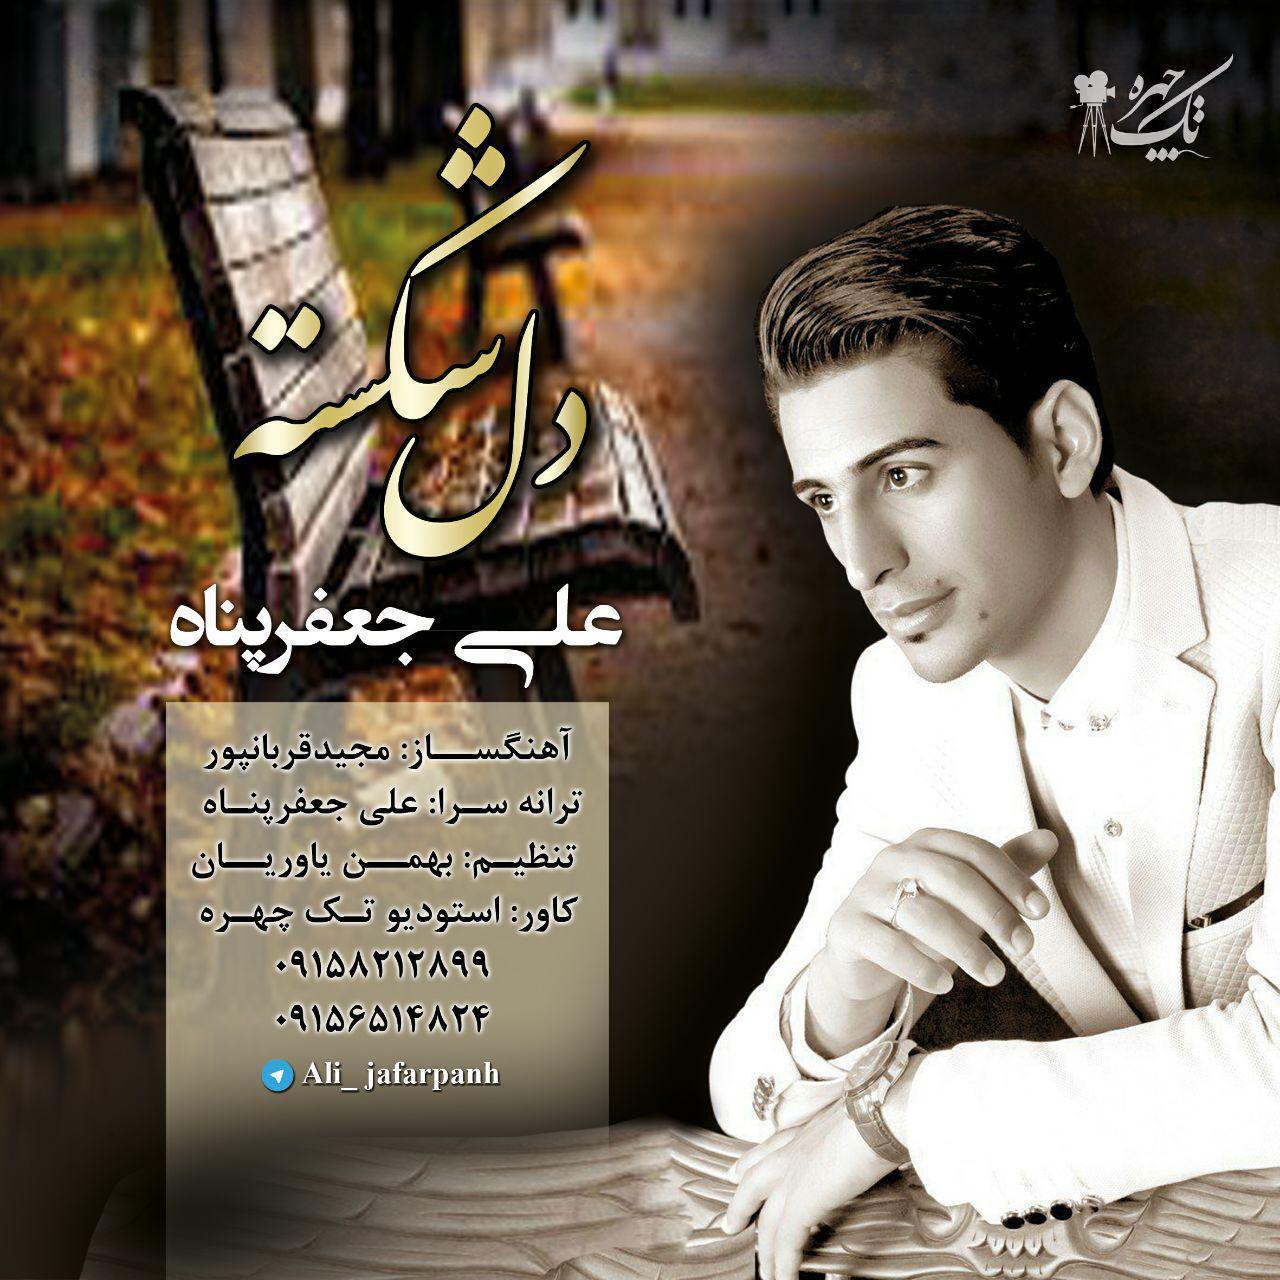 دانلود آهنگ جدید کرمانجی از علی جعفرپناه به نام دل شکسته در کرمانج موزیک